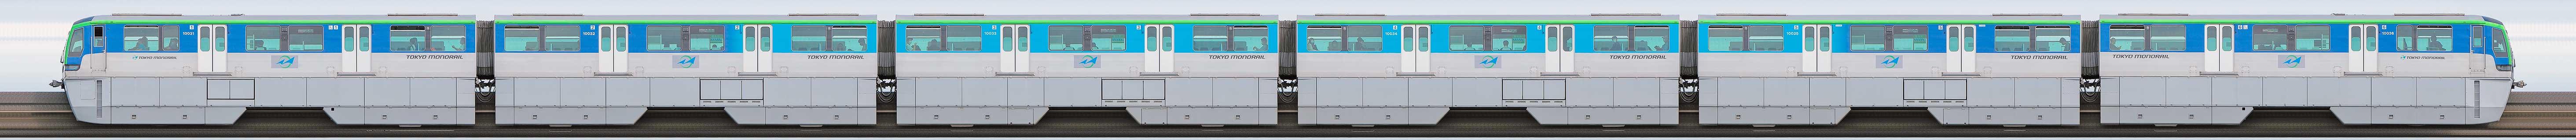 東京モノレール10000形10031編成(山側)の編成サイドビュー